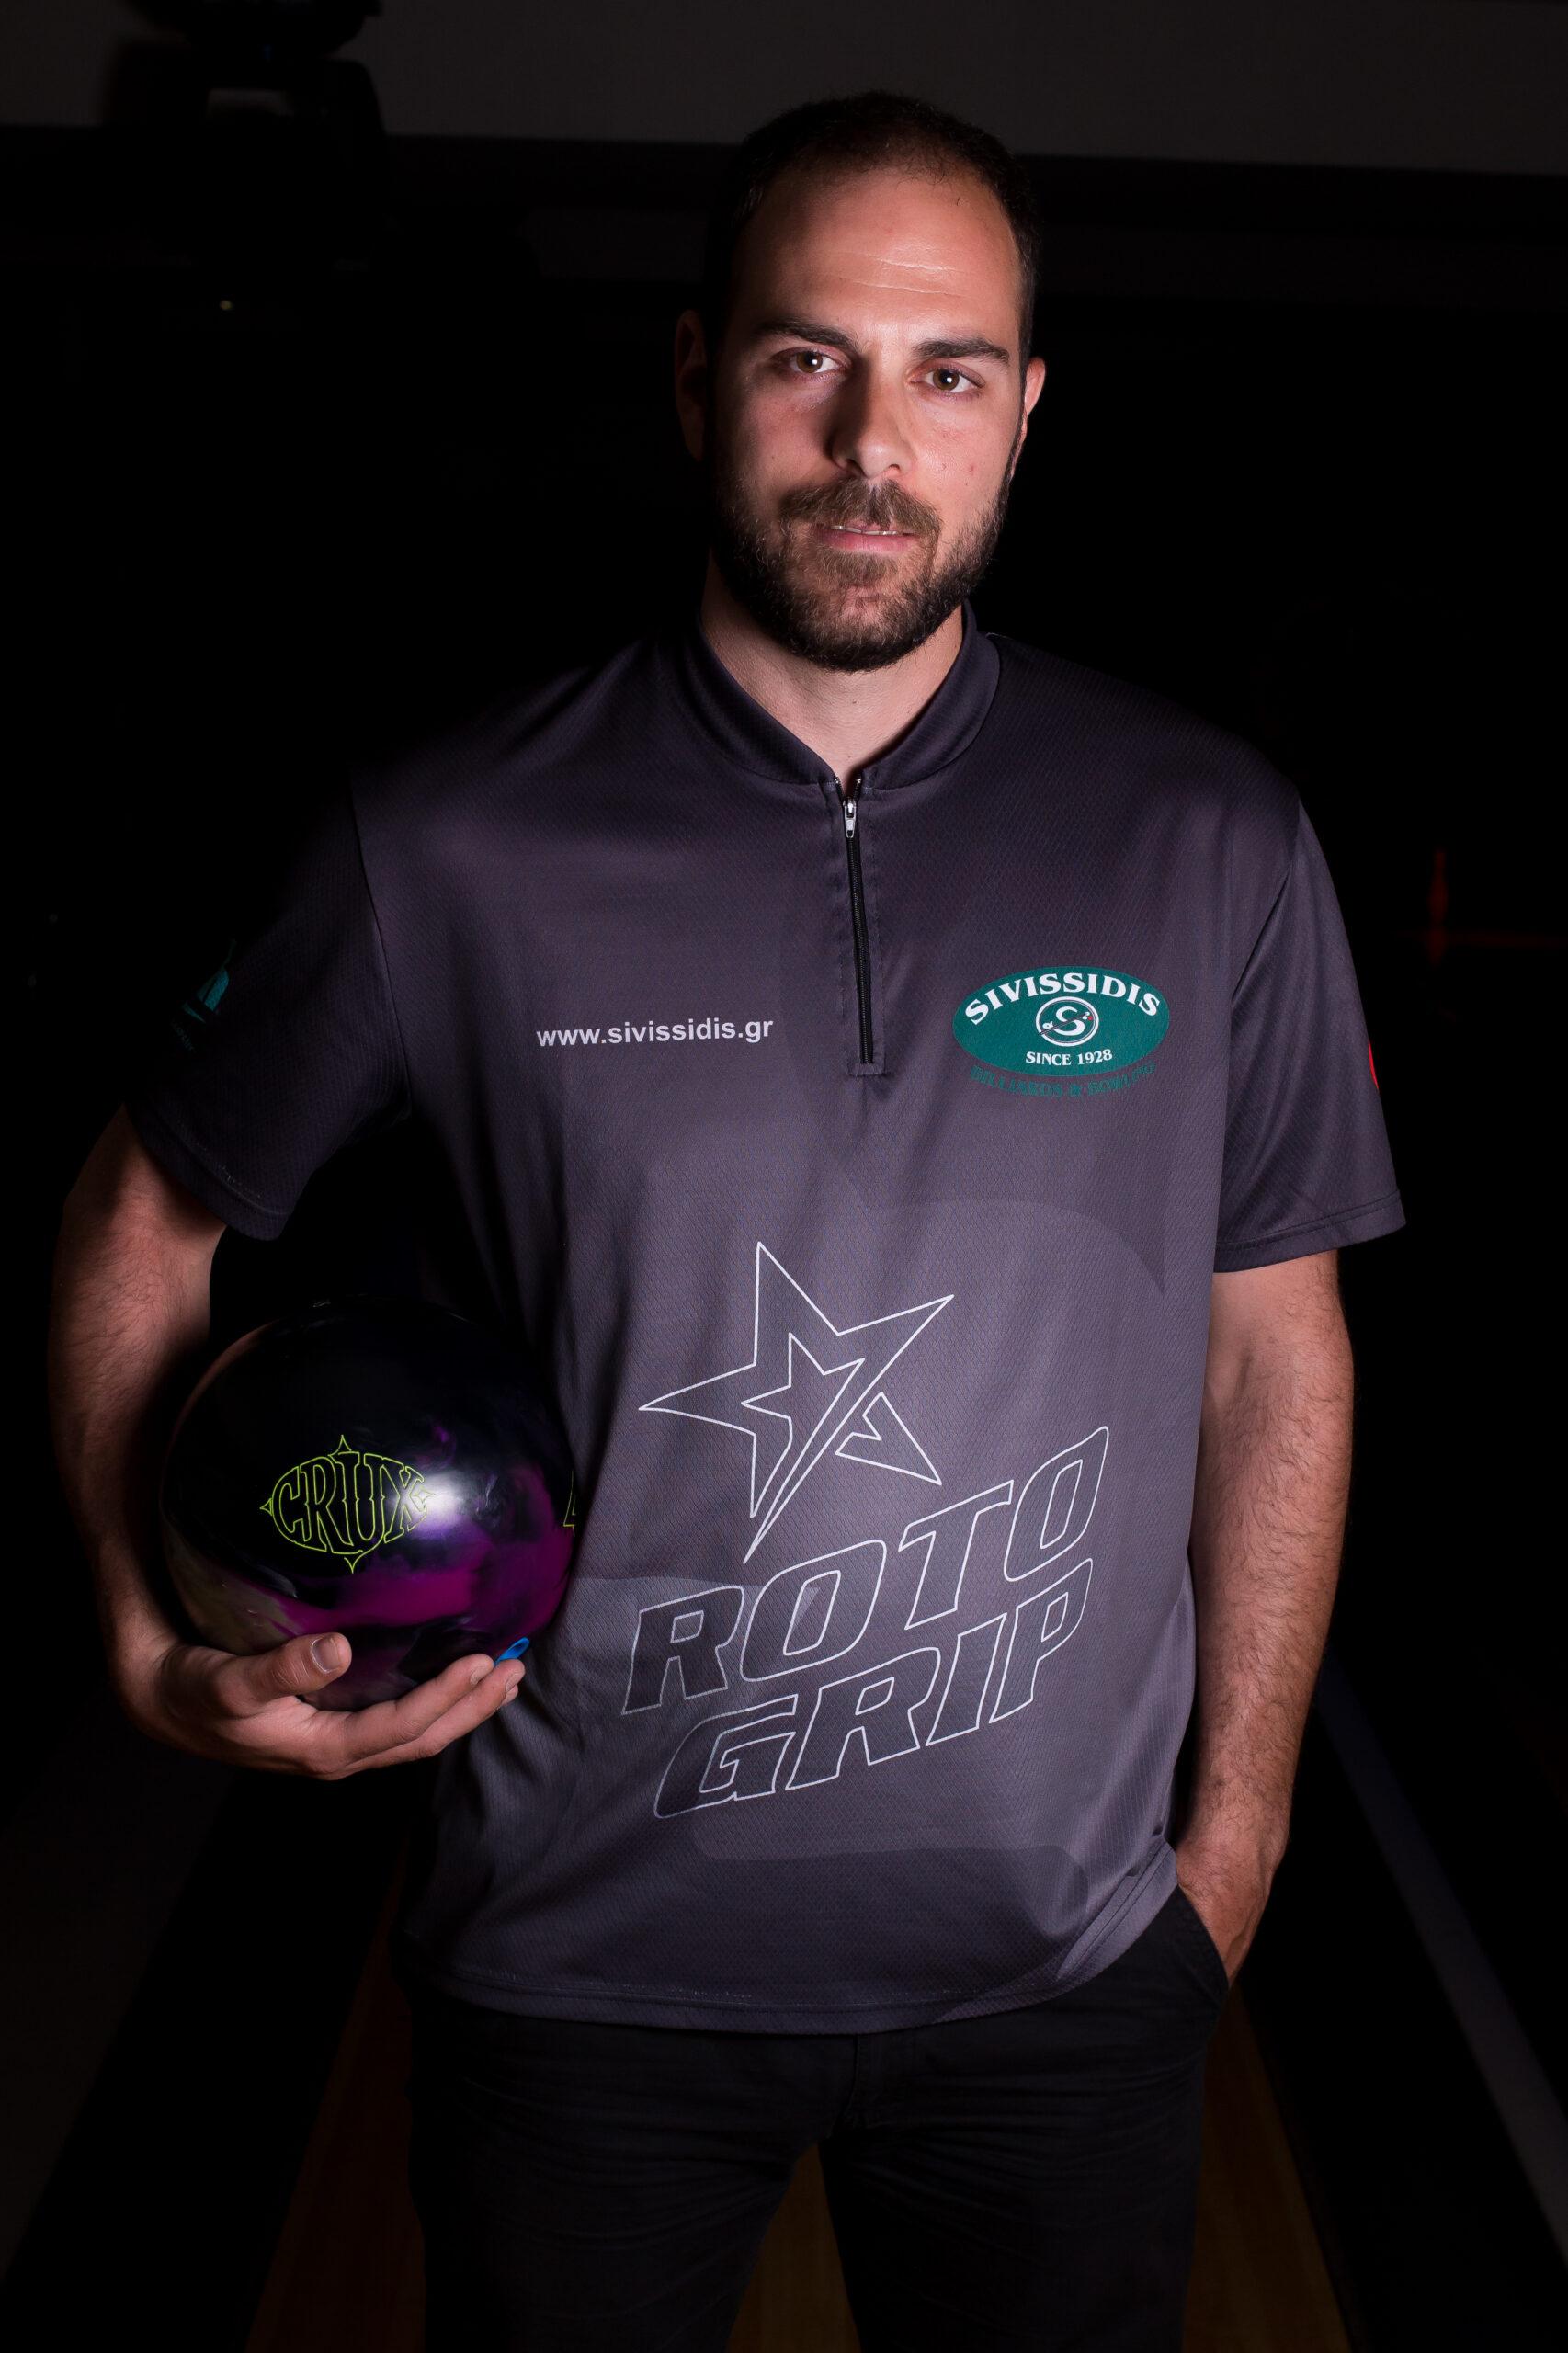 Κυριακός Κωνσταντίνος Select Team bowling - Αφοί Σιβισίδη / Sivissidis Bros